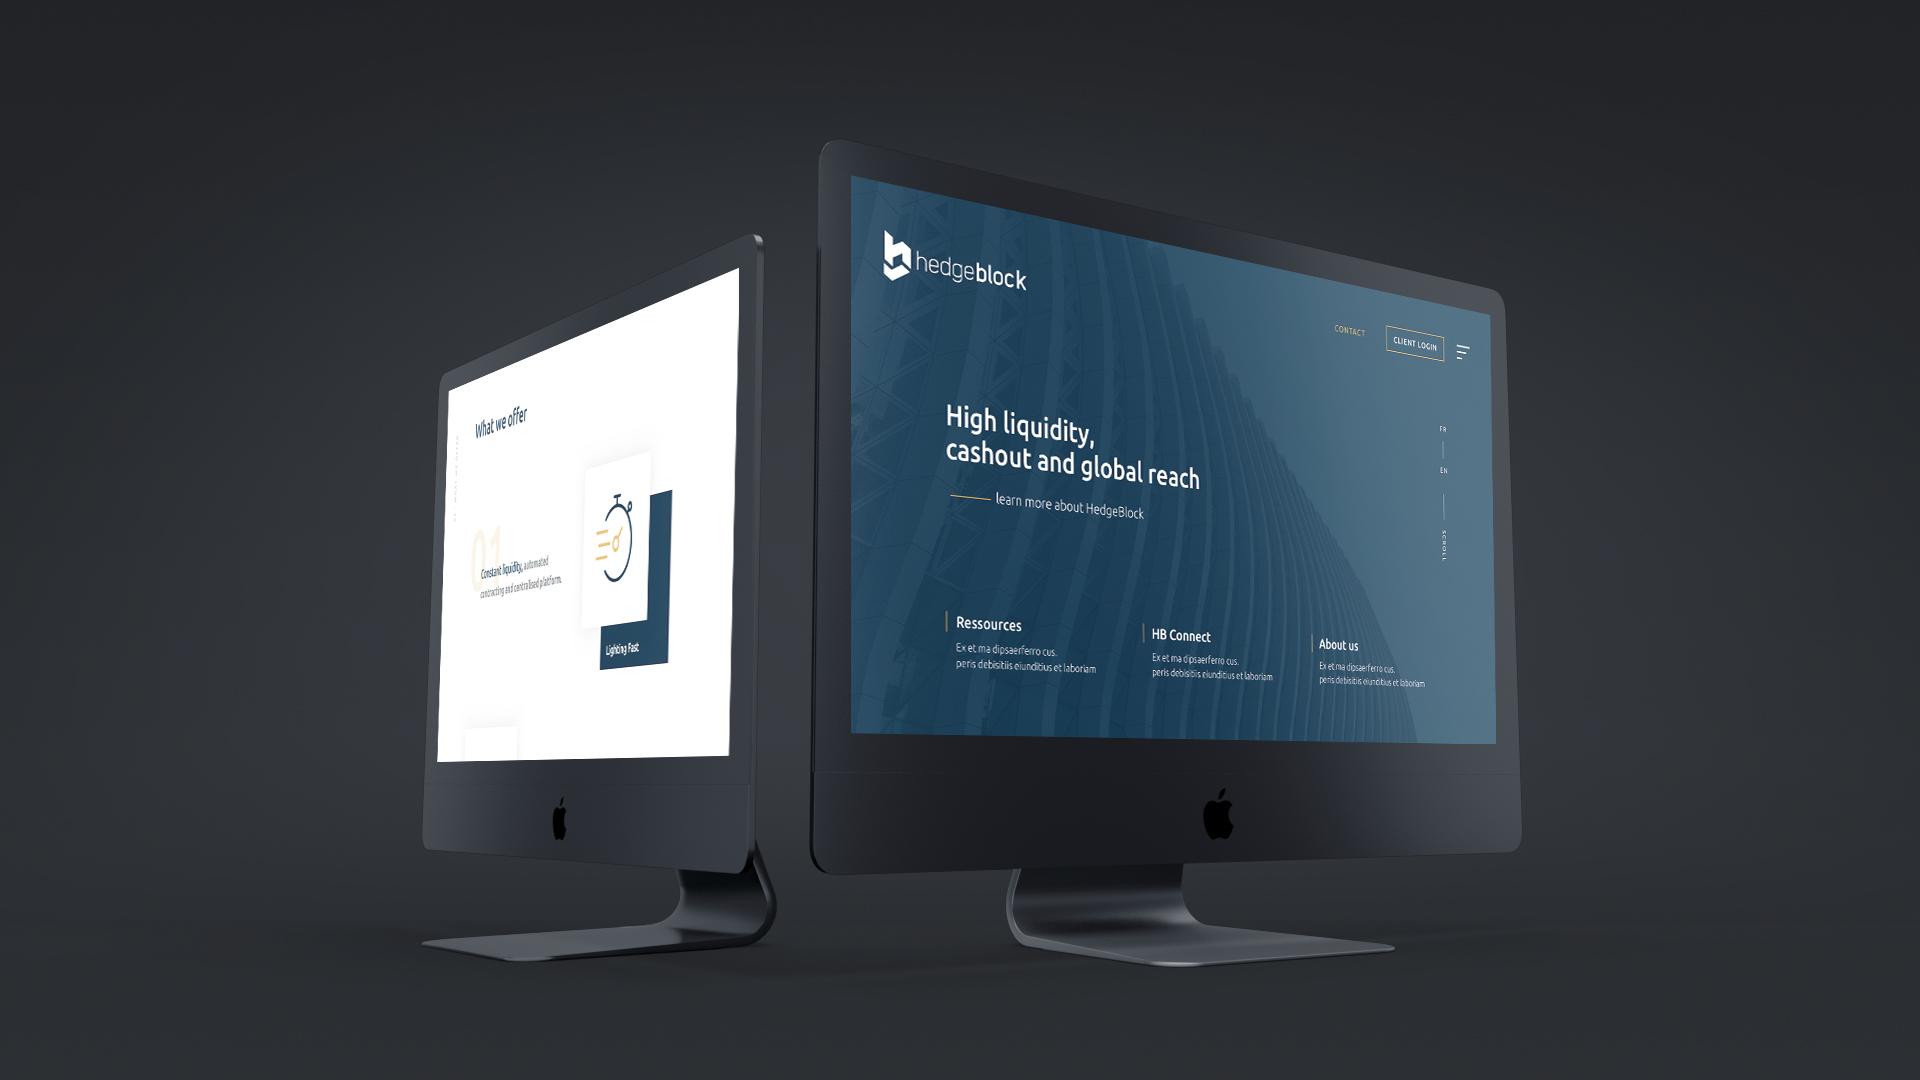 Deux iMac noirs allumés avec page internet ouverte sur le site Hedgeblock